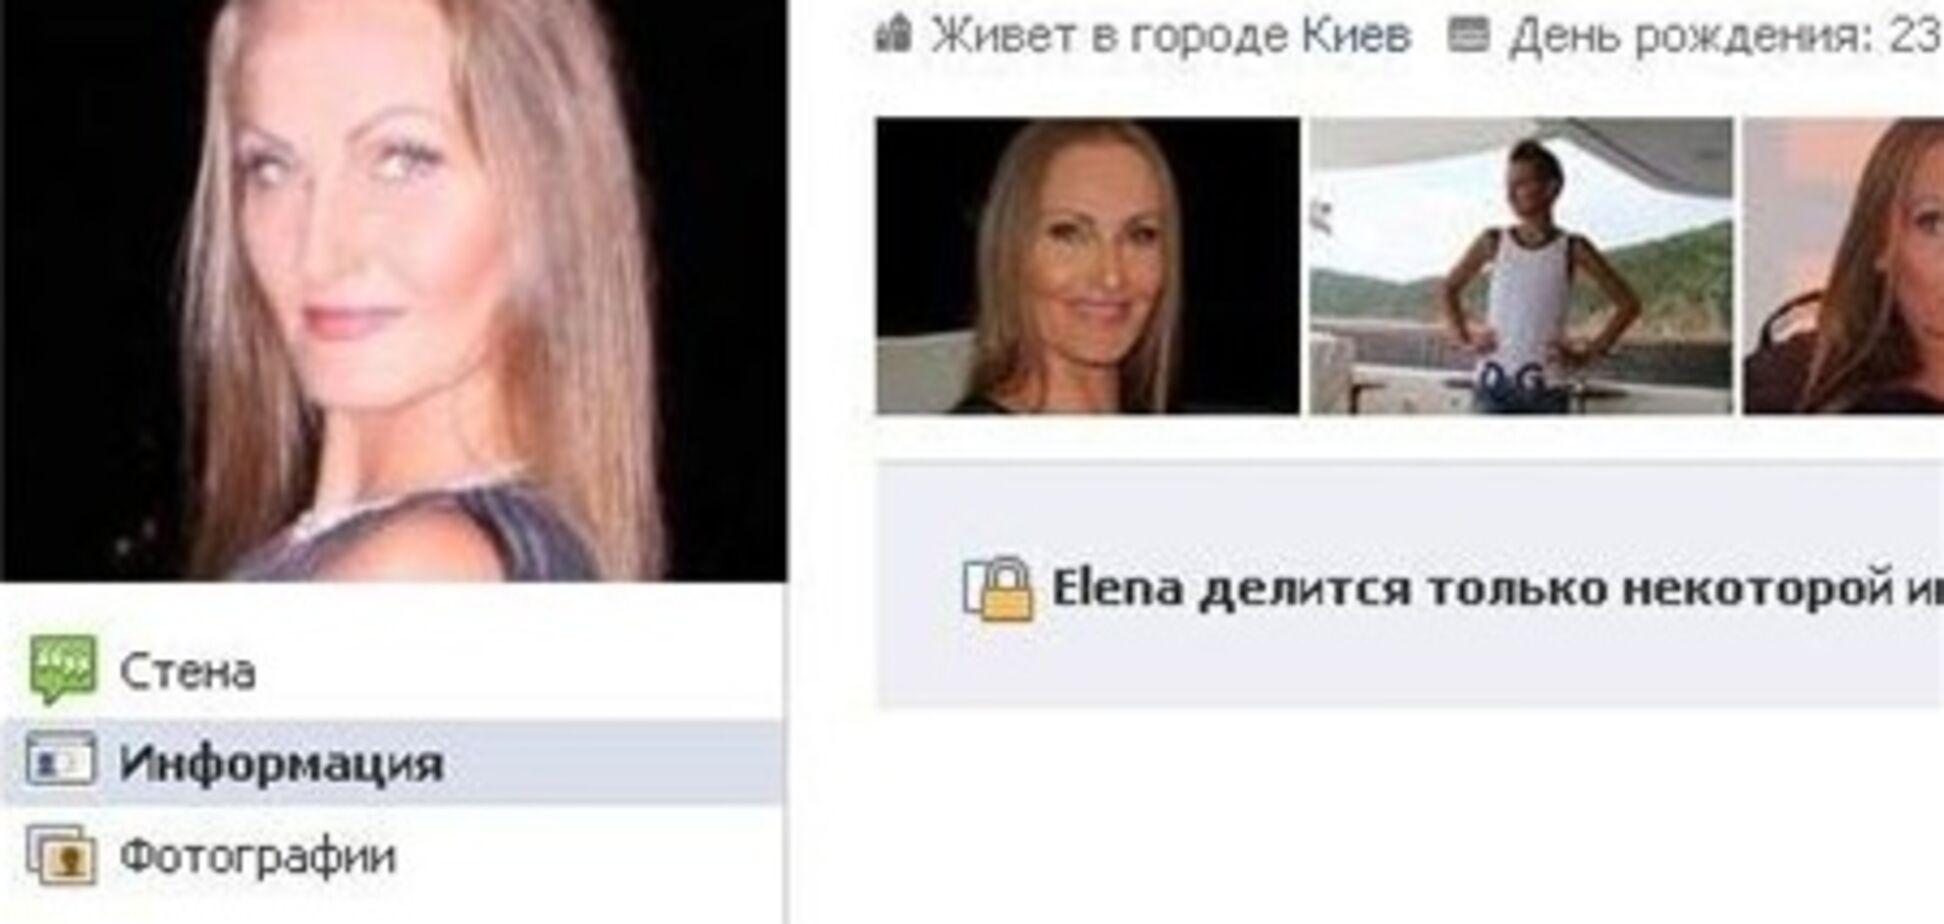 Олена Савчук стала Чернівецької